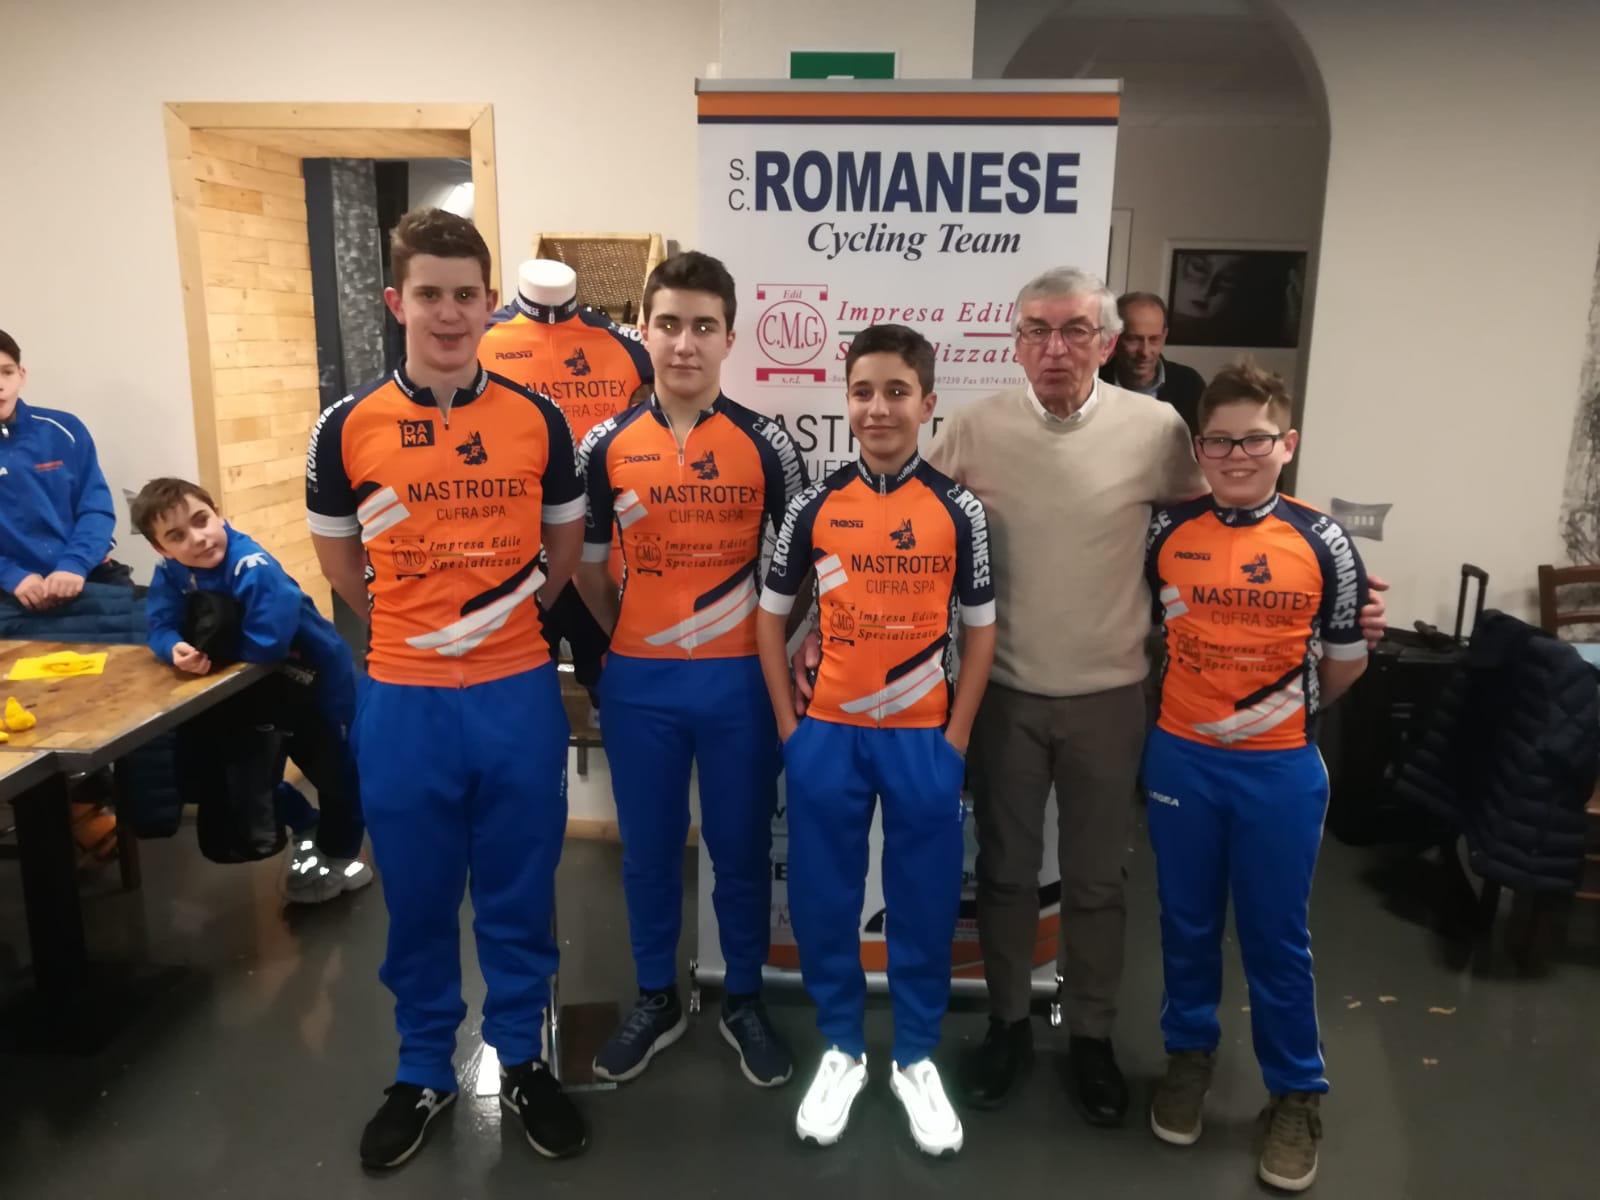 Il gruppo Esordienti 2019 della Sc Romanese